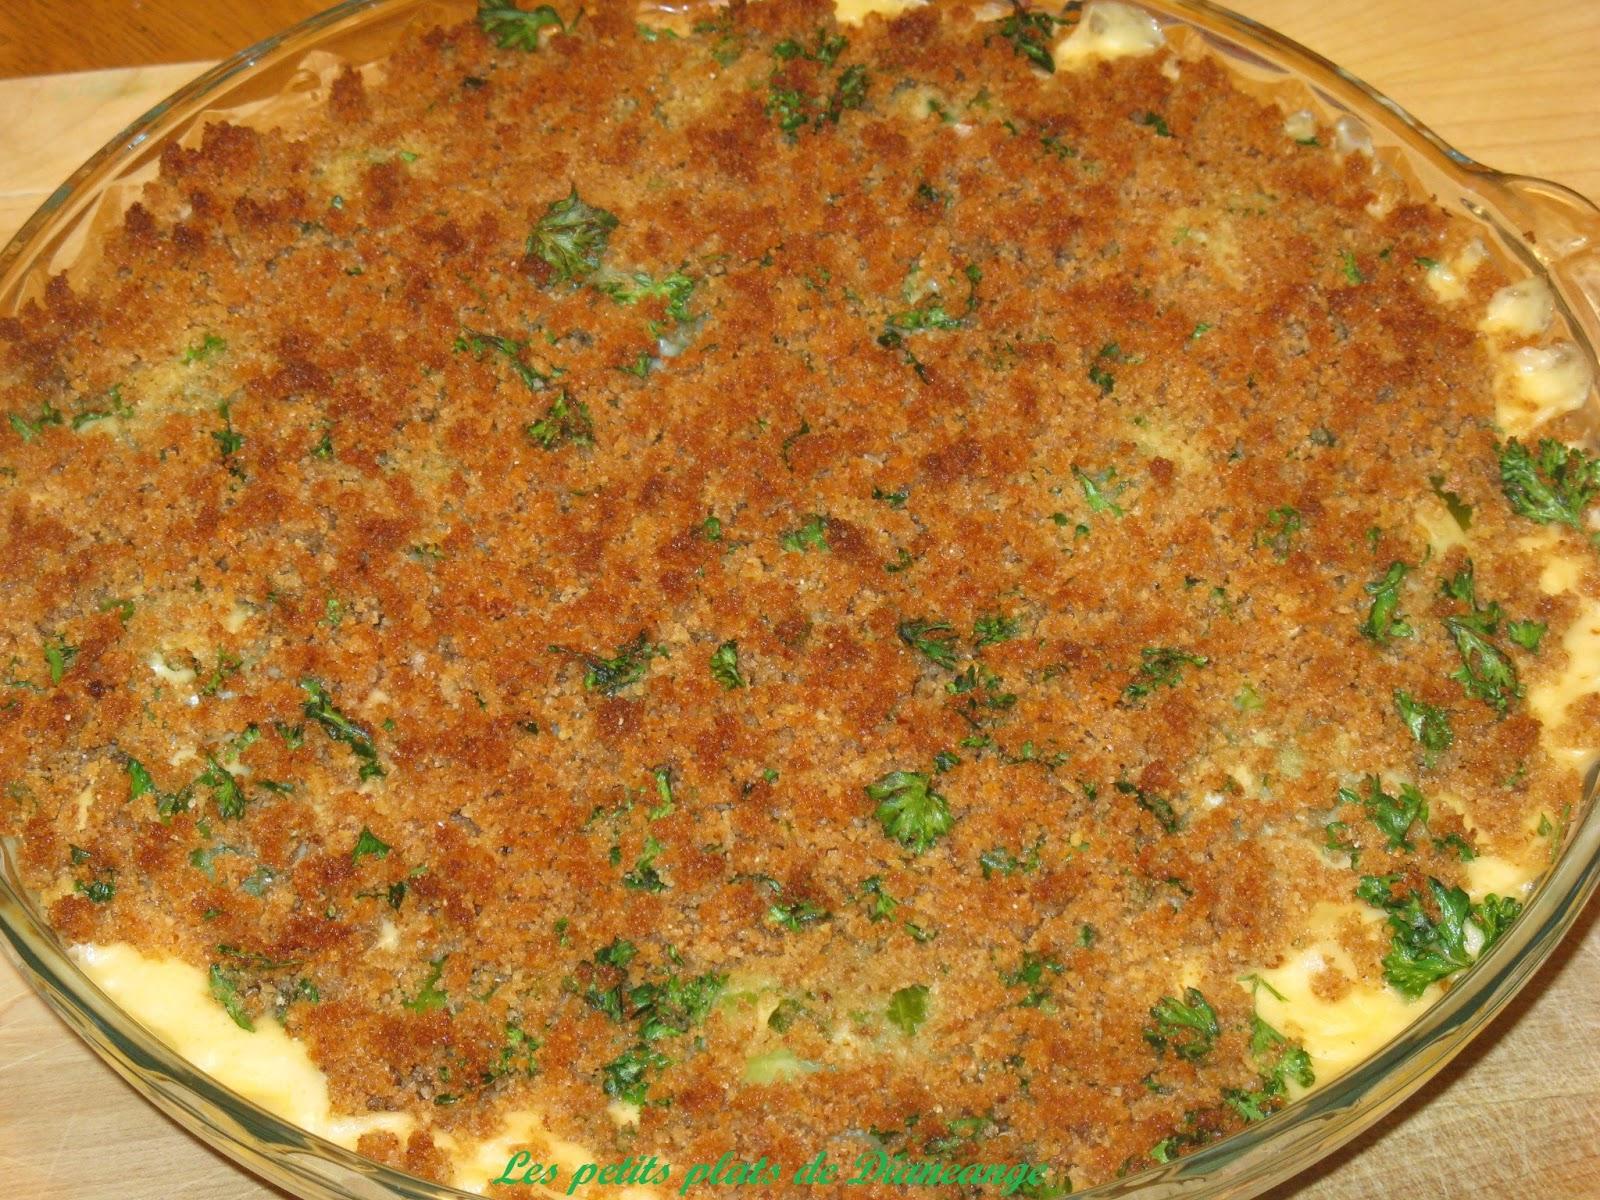 Les petits plats de diane ange gratin de choux de bruxelles au double cheddar - Gratin de choux de bruxelles ...